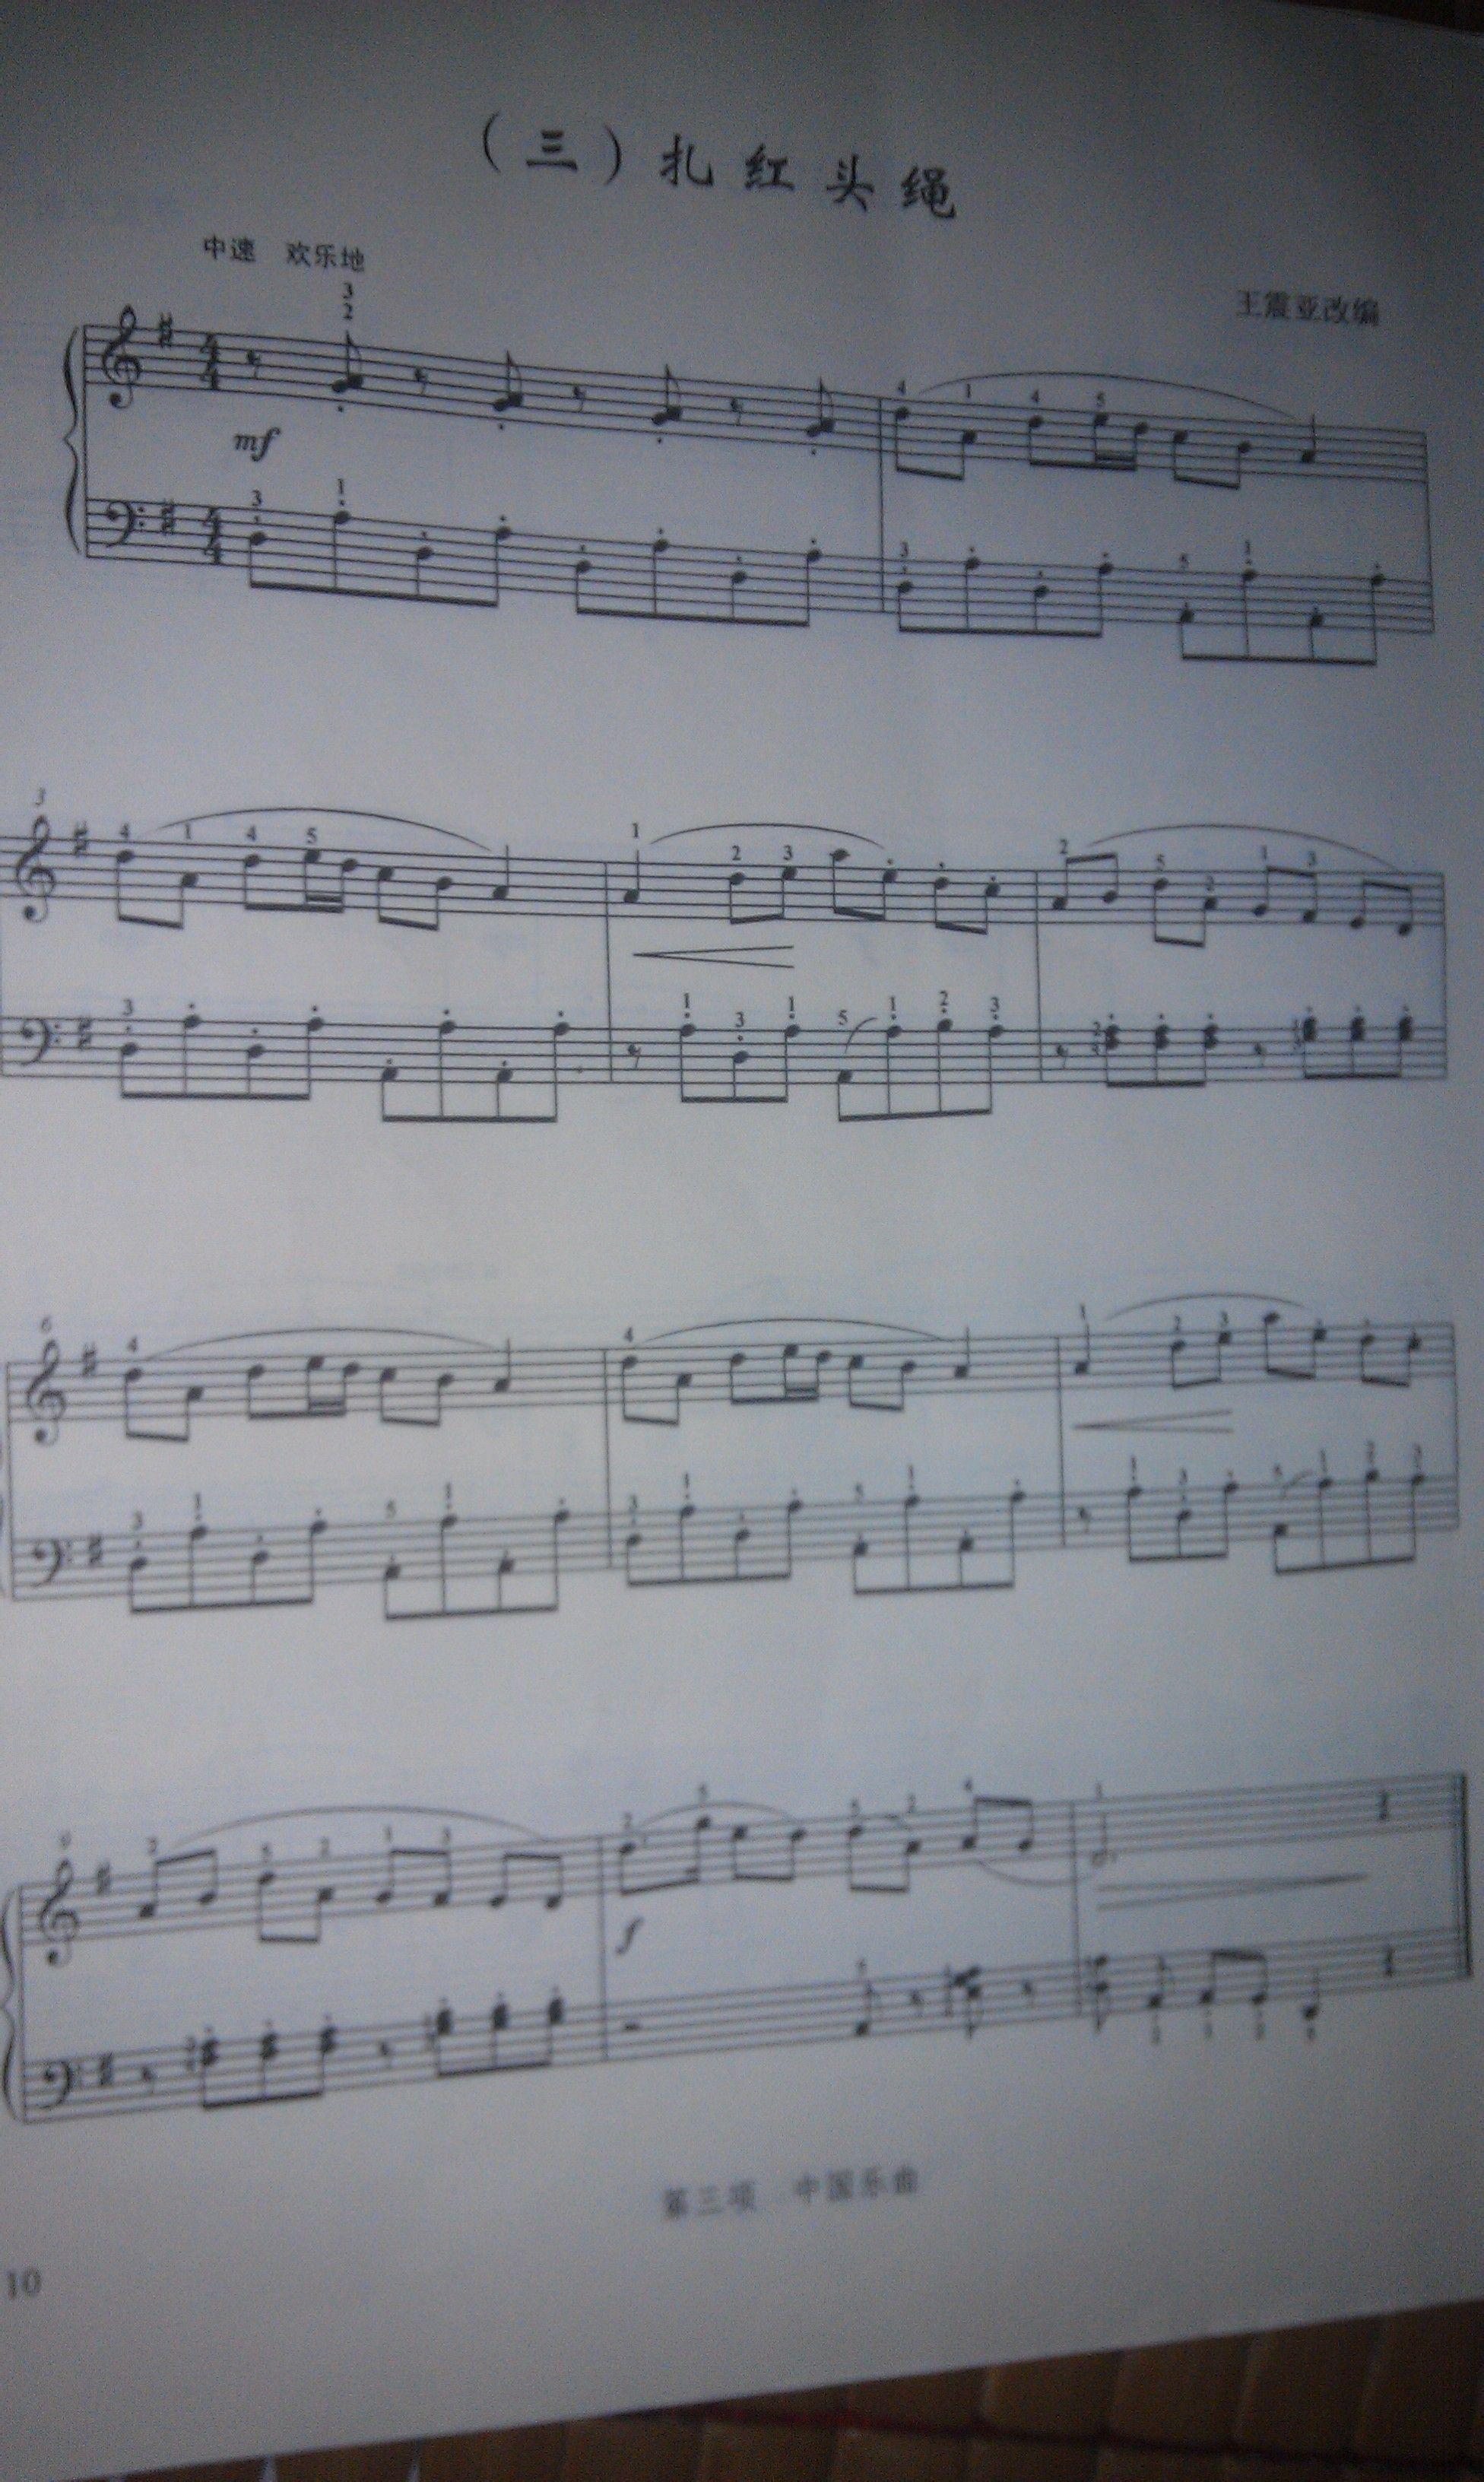 梁祝钢琴曲简谱图片